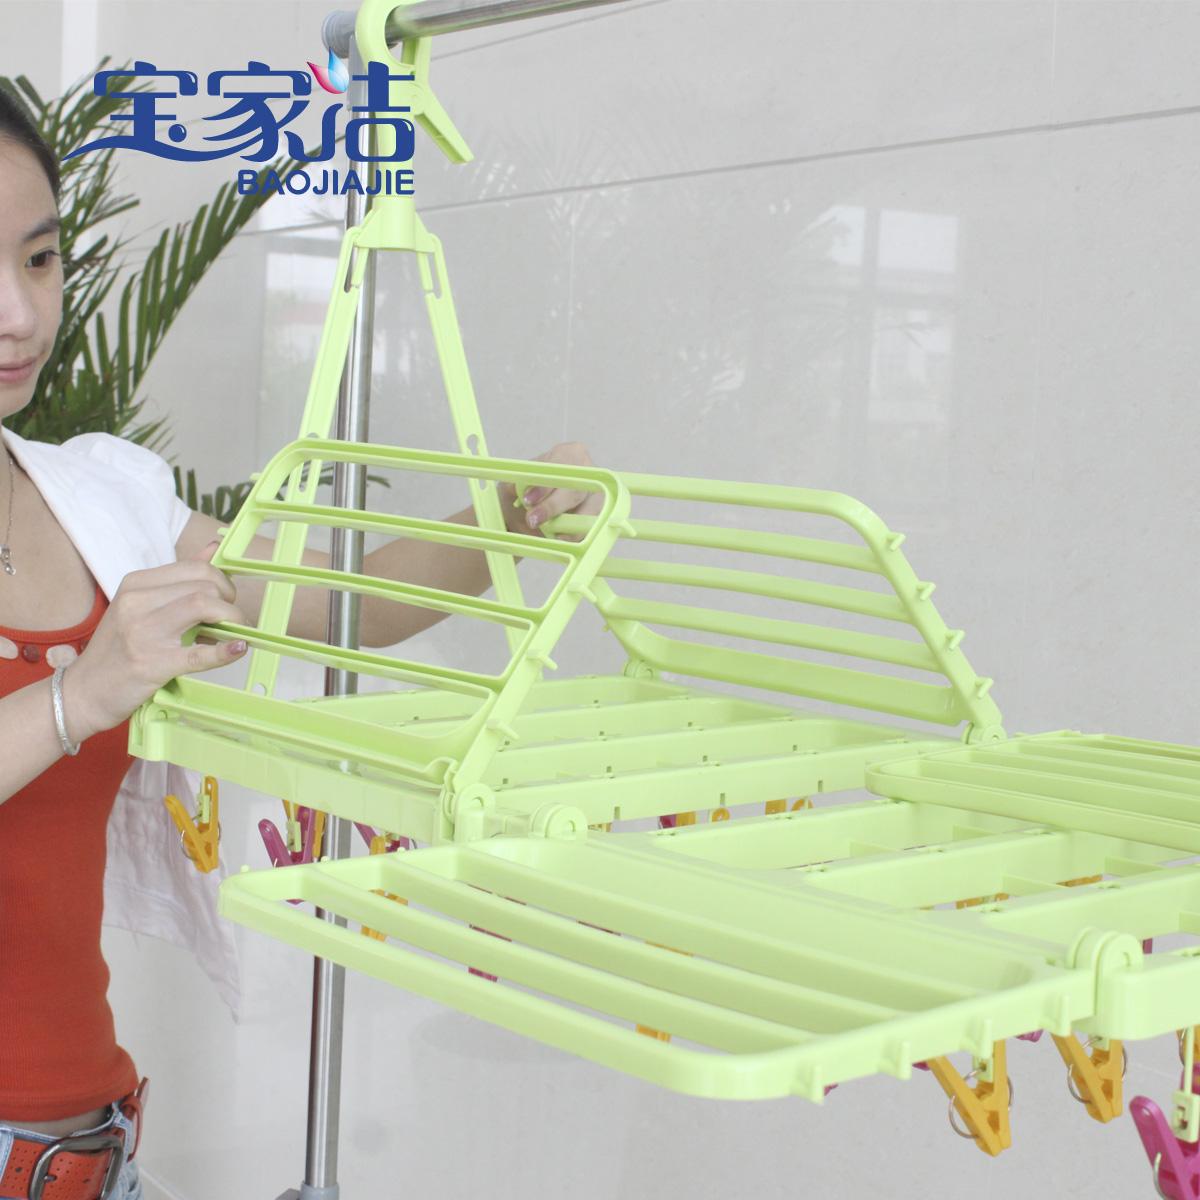 Стенд для сушки вещей Baojiajie Yj/16 /J